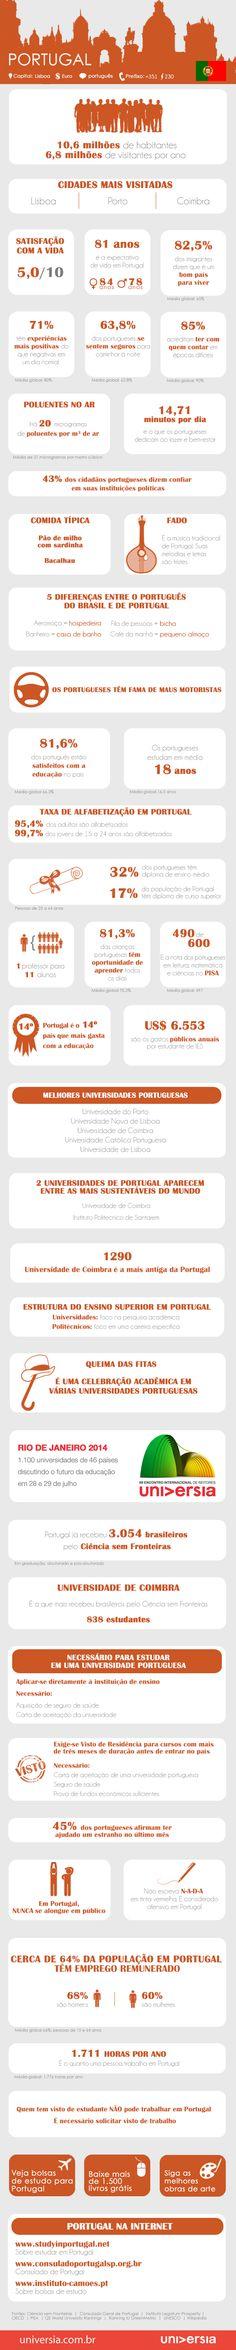 Conheça 40 fatos relevantes que você deve saber antes de estudar e trabalhar em Portugal. Série sobre intercâmbio destaca 30 países durante o mês de maio. Confira